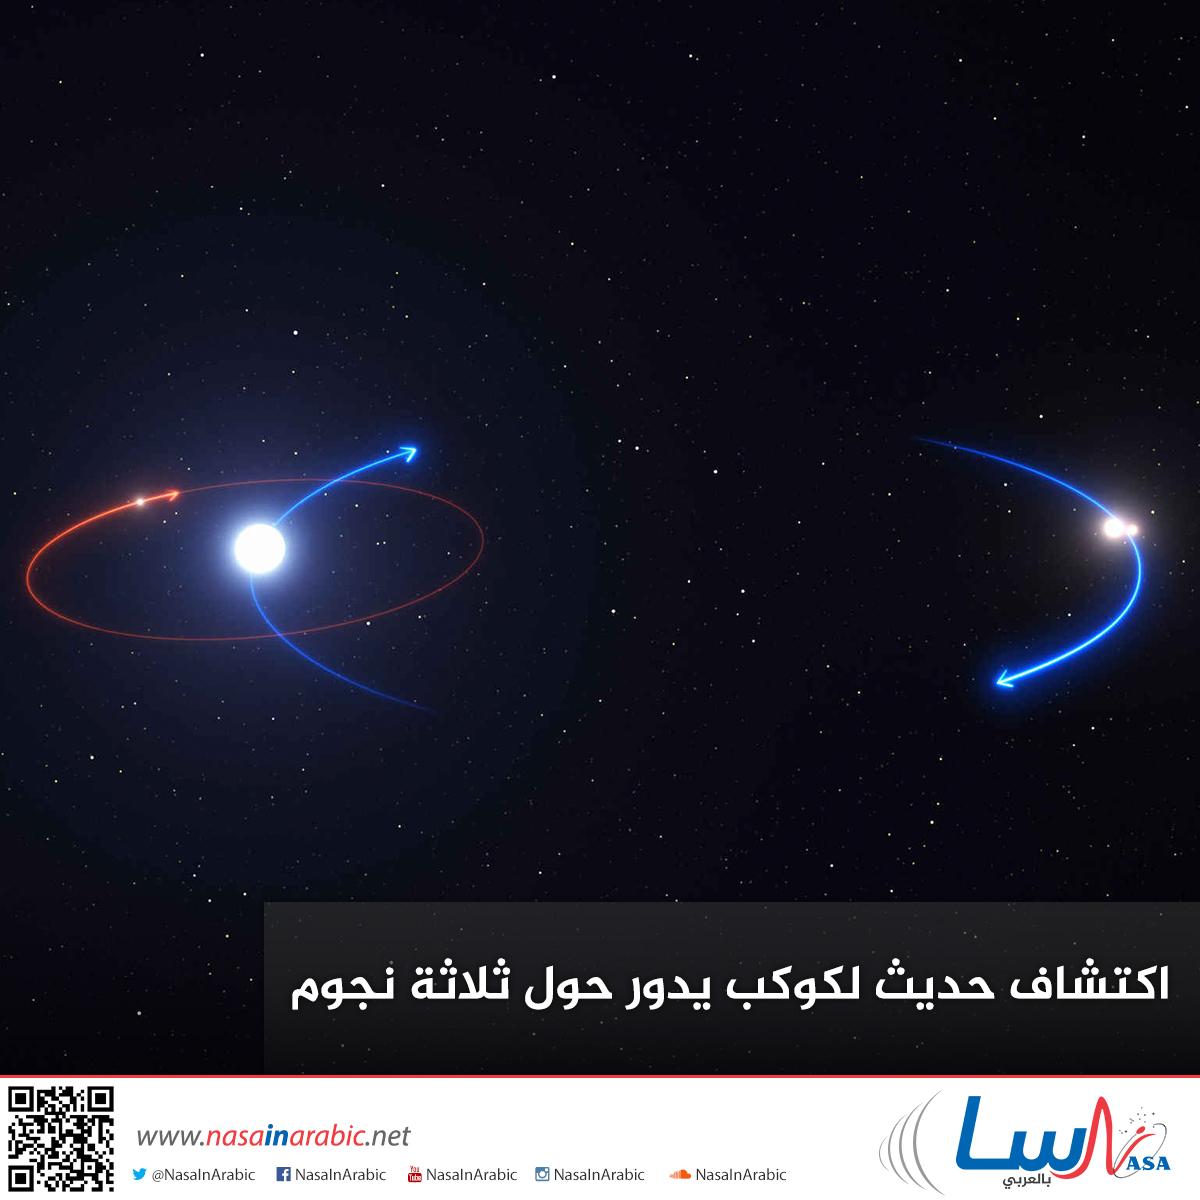 اكتشاف حديث لكوكب يدور حول ثلاثة نجوم